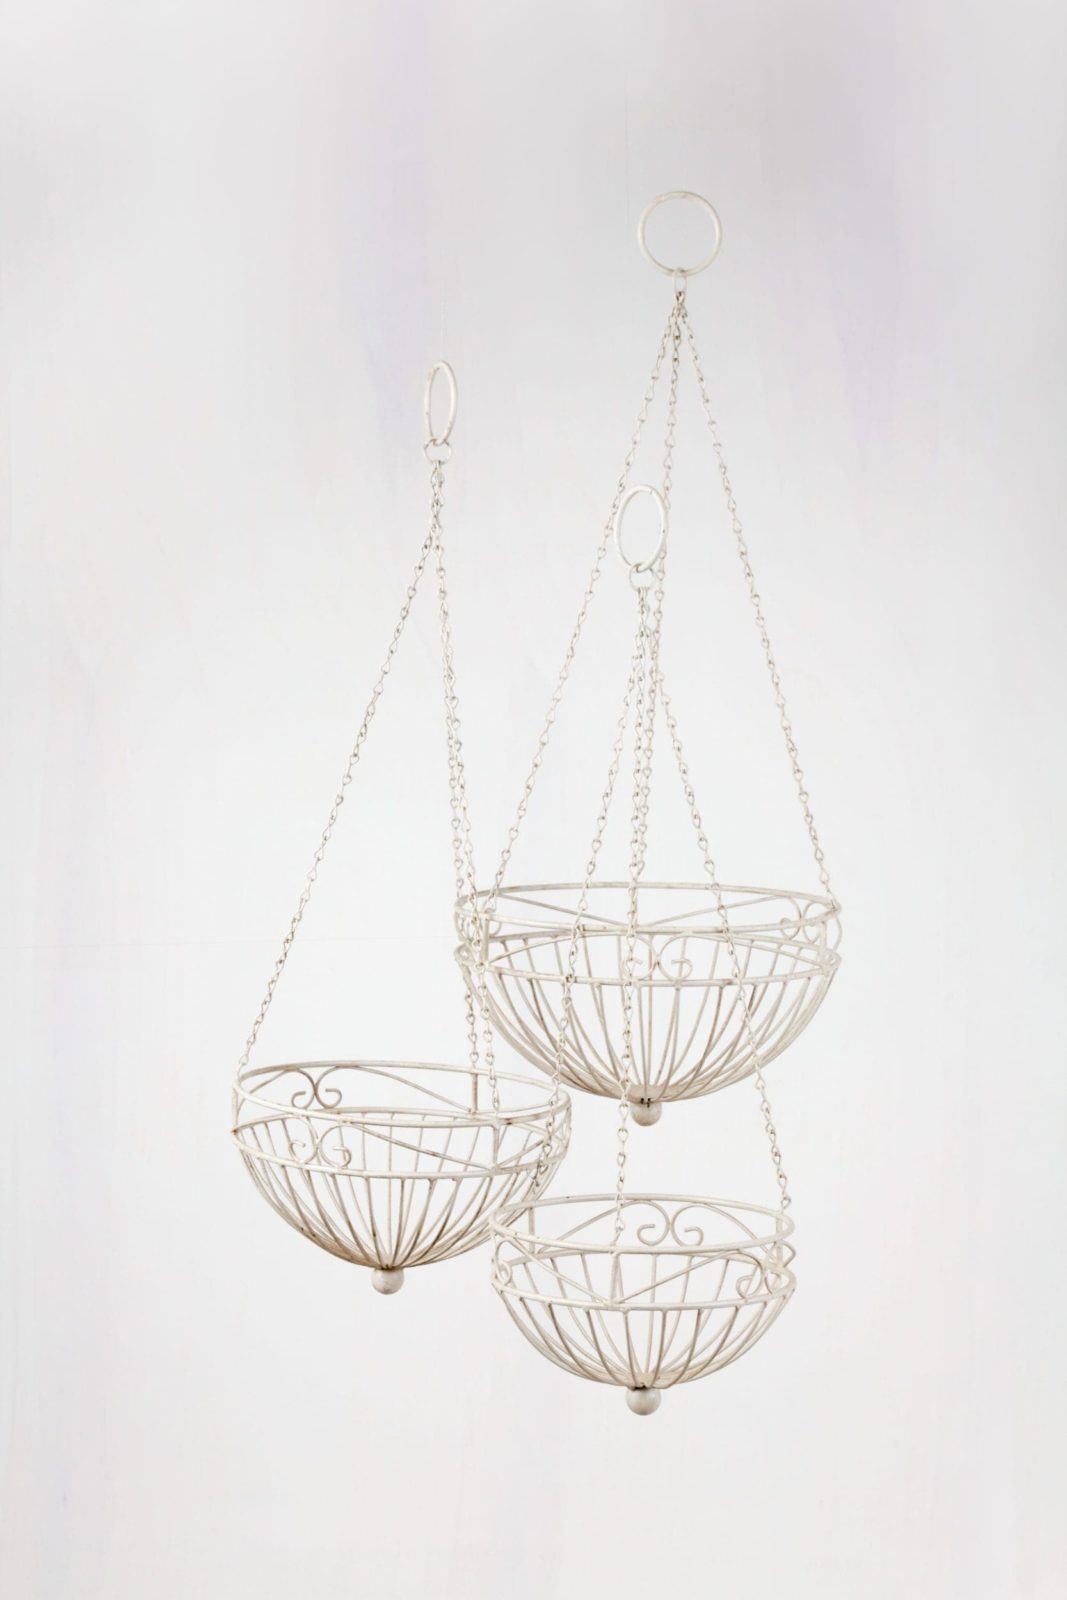 Metallkorb Hängend Paz Set (3 Stück) | Schöne Körbe für Obst oder Blumen auf verschiedenen Ebenen. | gotvintage Rental & Event Design